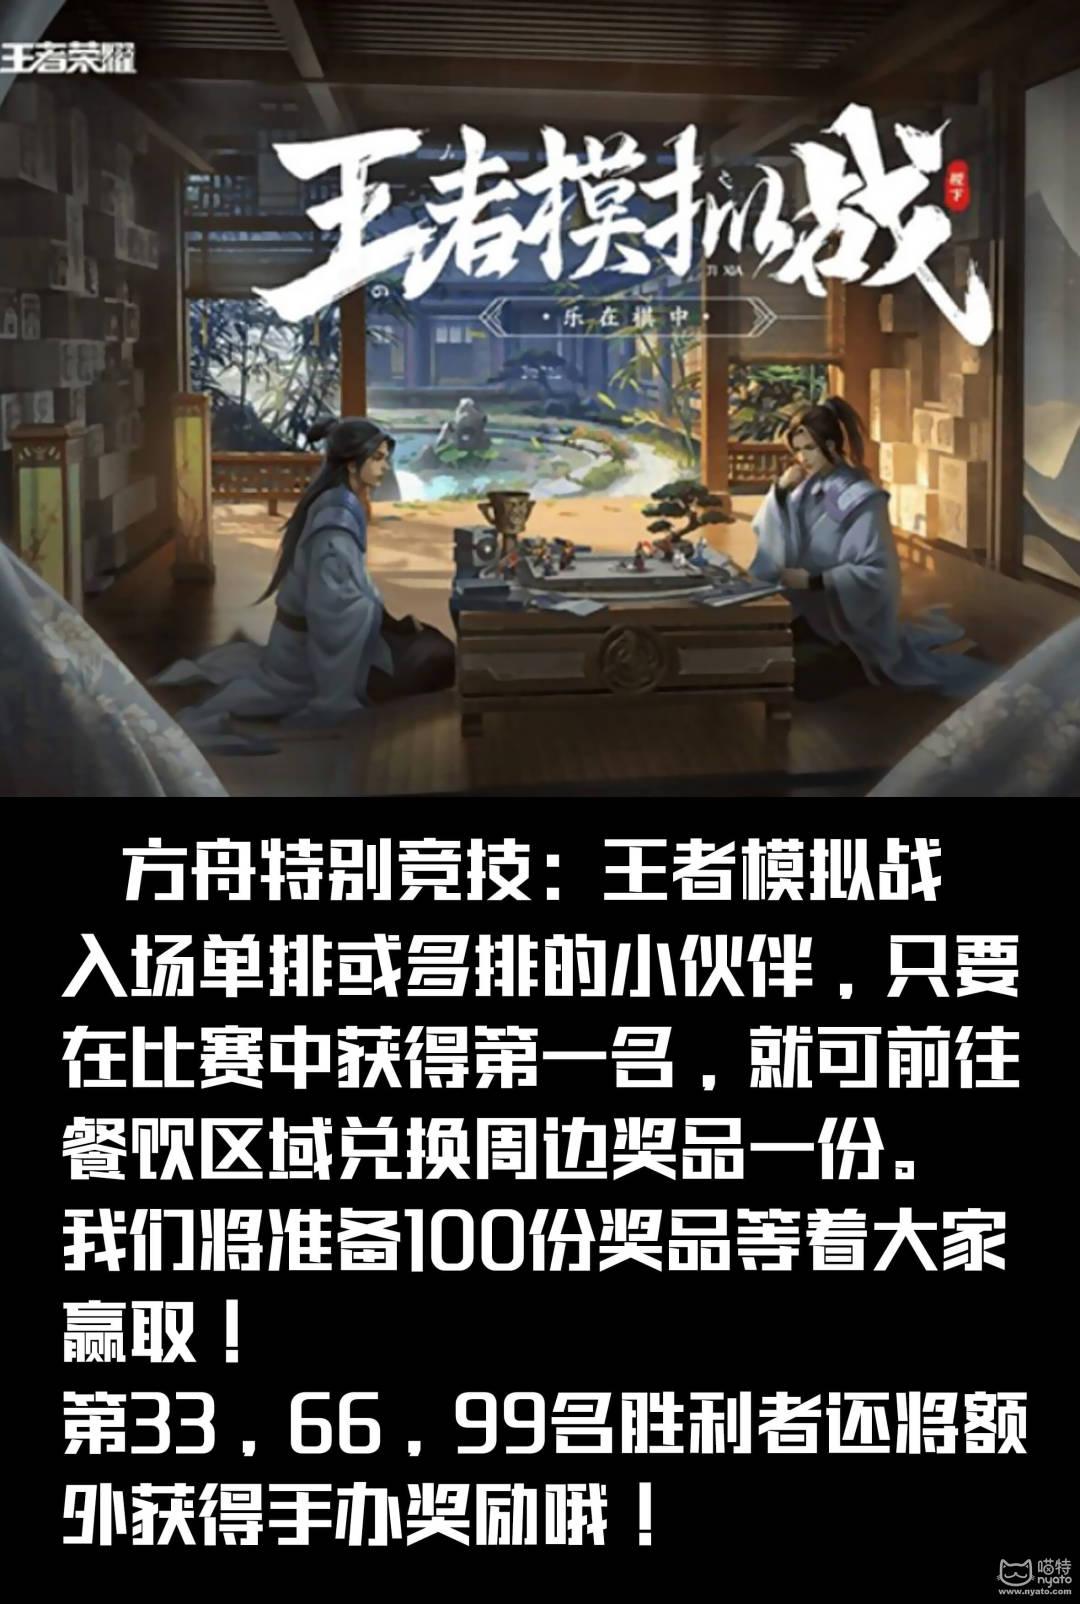 9方舟模拟战.jpg